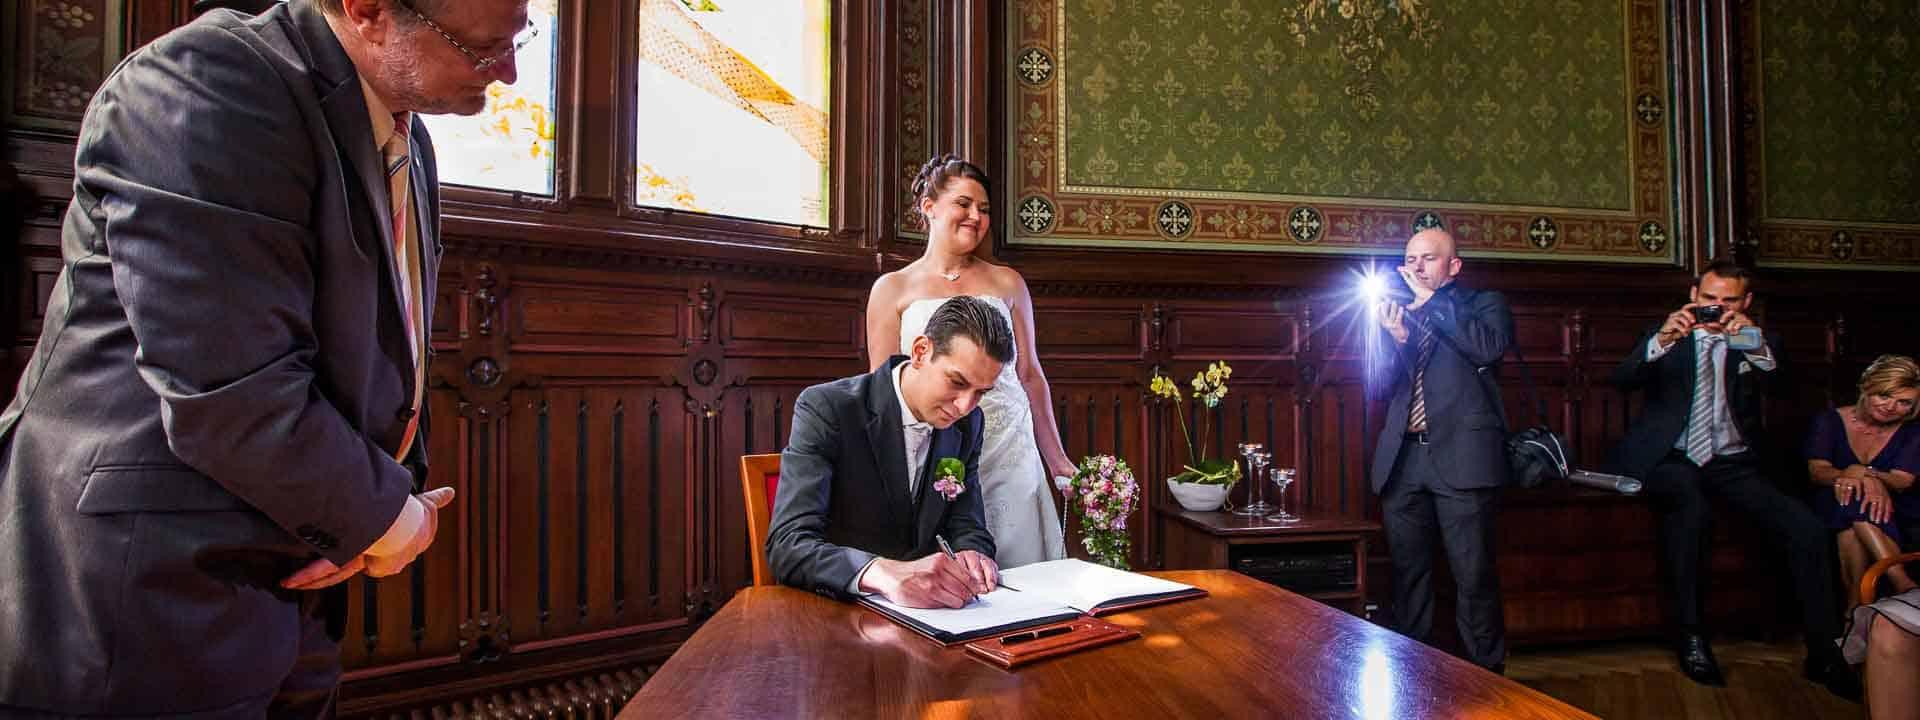 Hochzeit im Standesamt Neukölln